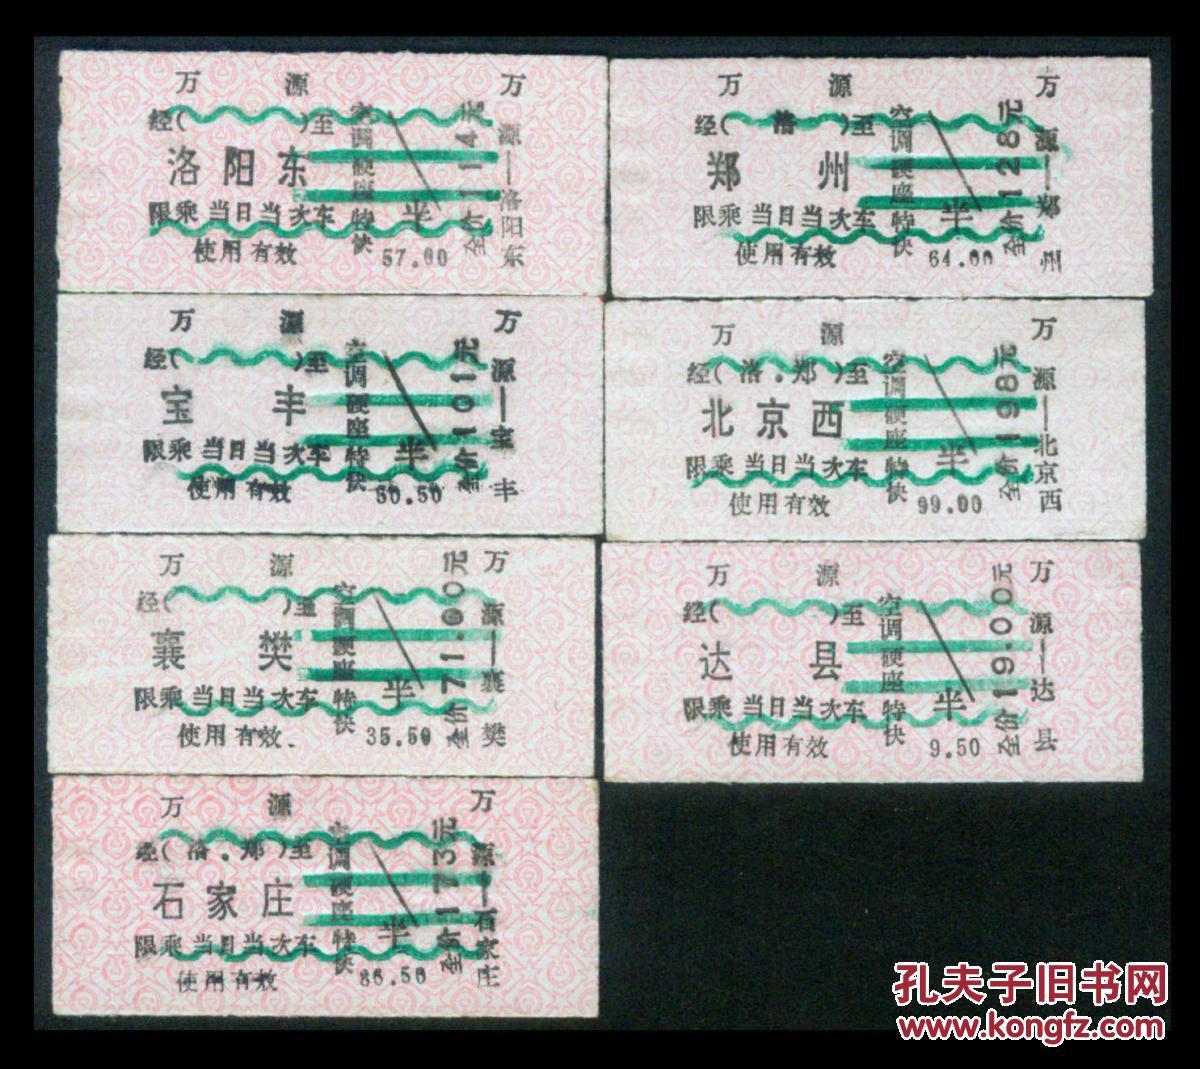 万源火车站坐落在四川省与重庆陕西三省市交界处的万源市内,万源市是图片